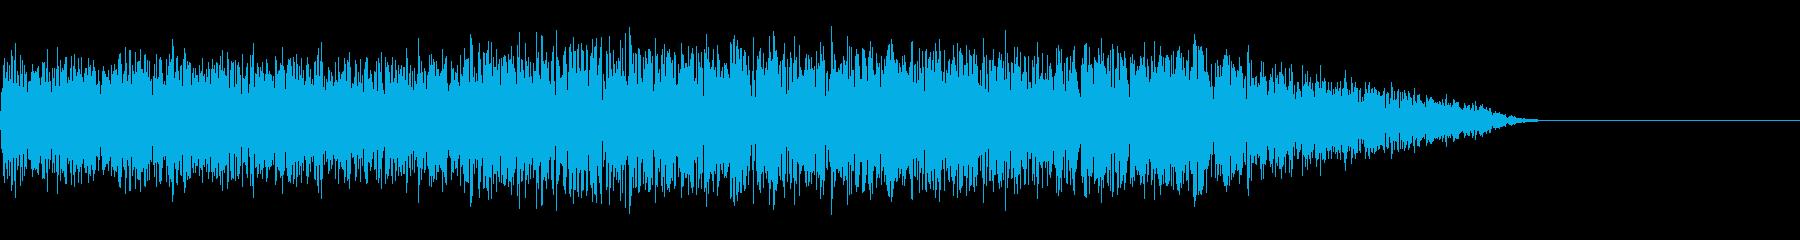 ギシャー!(ホワイトノイズ/爆発/衝撃の再生済みの波形